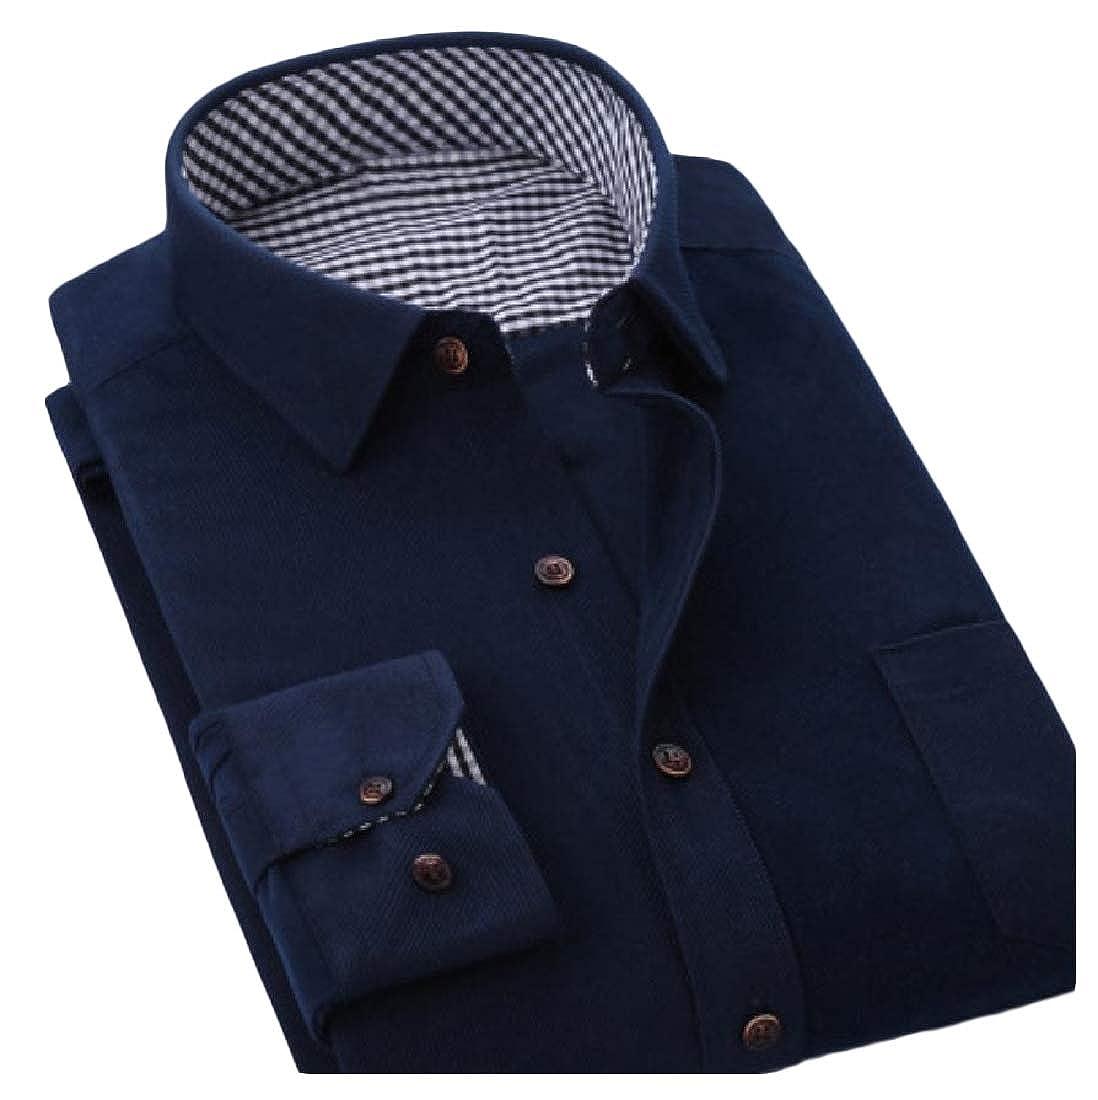 YUNY Men Tops Corduroy Button-Down-Shirts Business Dress Shirts One M